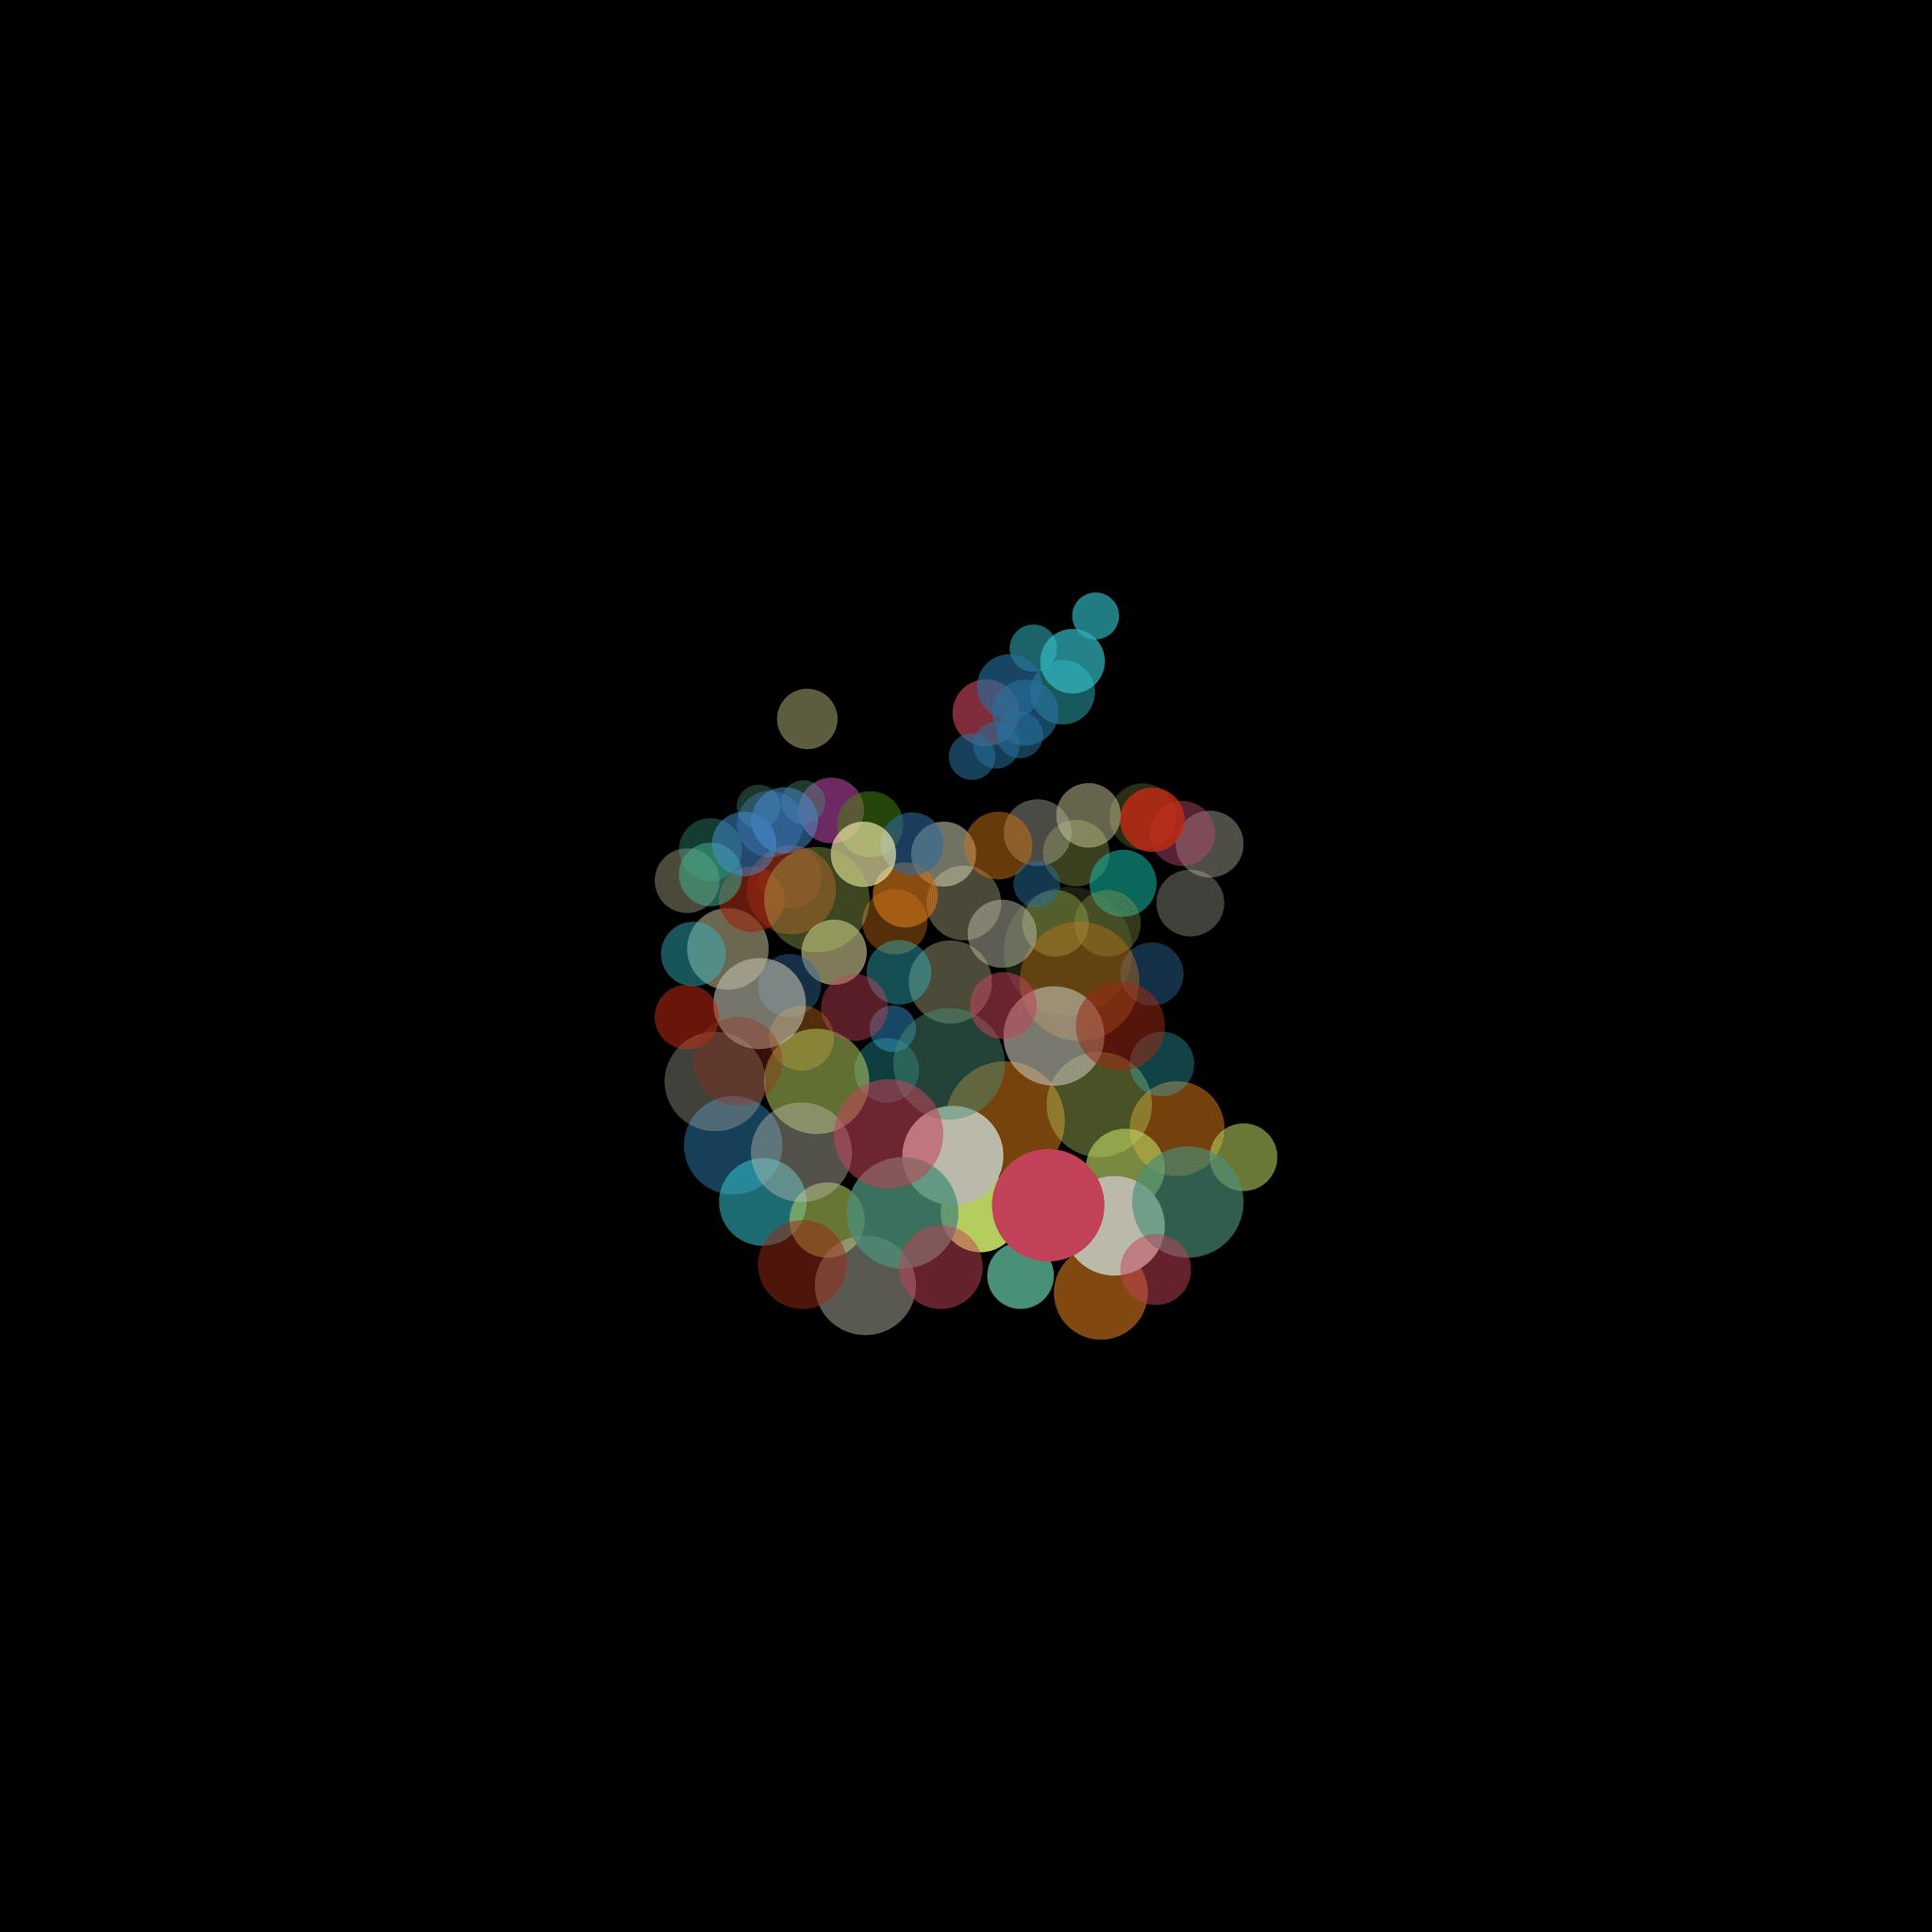 Iphone 7 Event Wallpaper Hintergrundbilder Als Download Stop